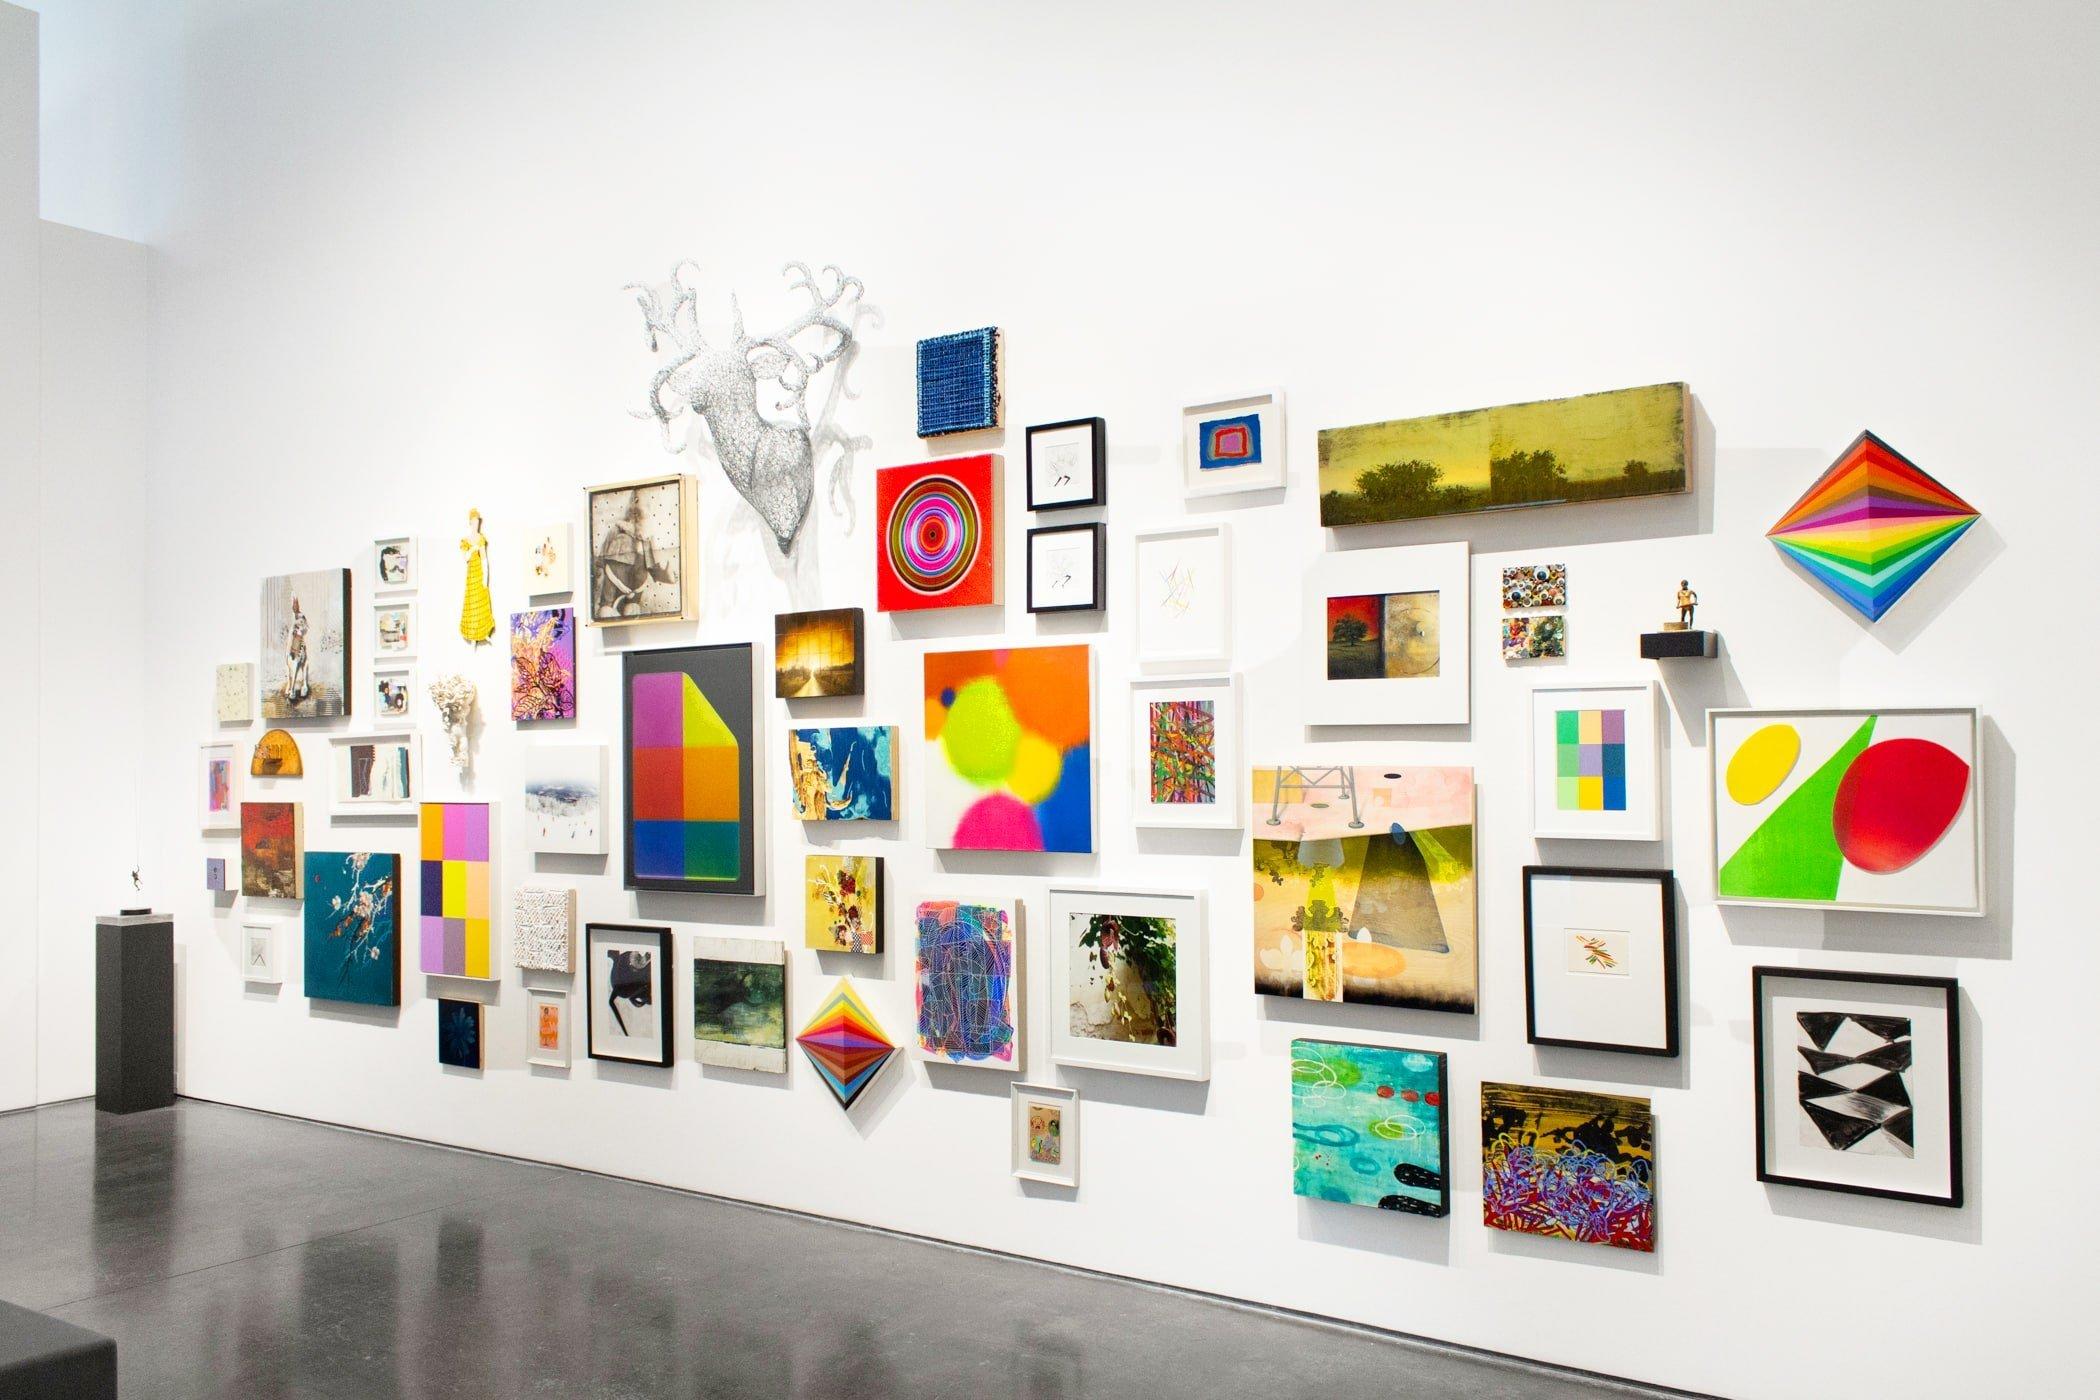 Deck the Walls 2018 at Newzones Gallery, Calgary Canada